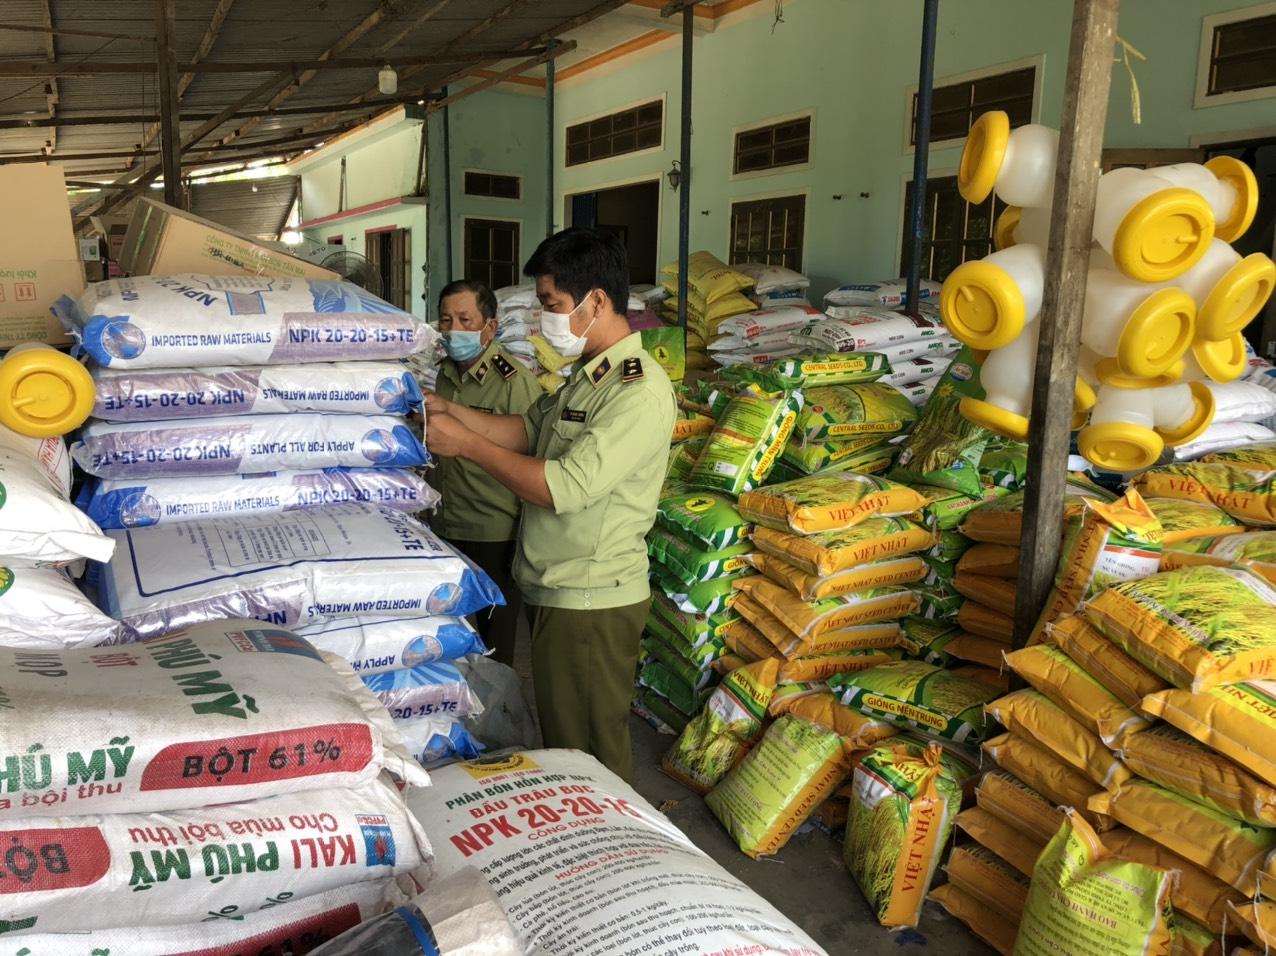 Cục QLTT tỉnh Quảng Ngãi: Xử phạt 17 triệu đồng đối với cơ sở kinh doanh phân bón không có giấy chứng nhận đủ điều kiện buôn bán phân bón